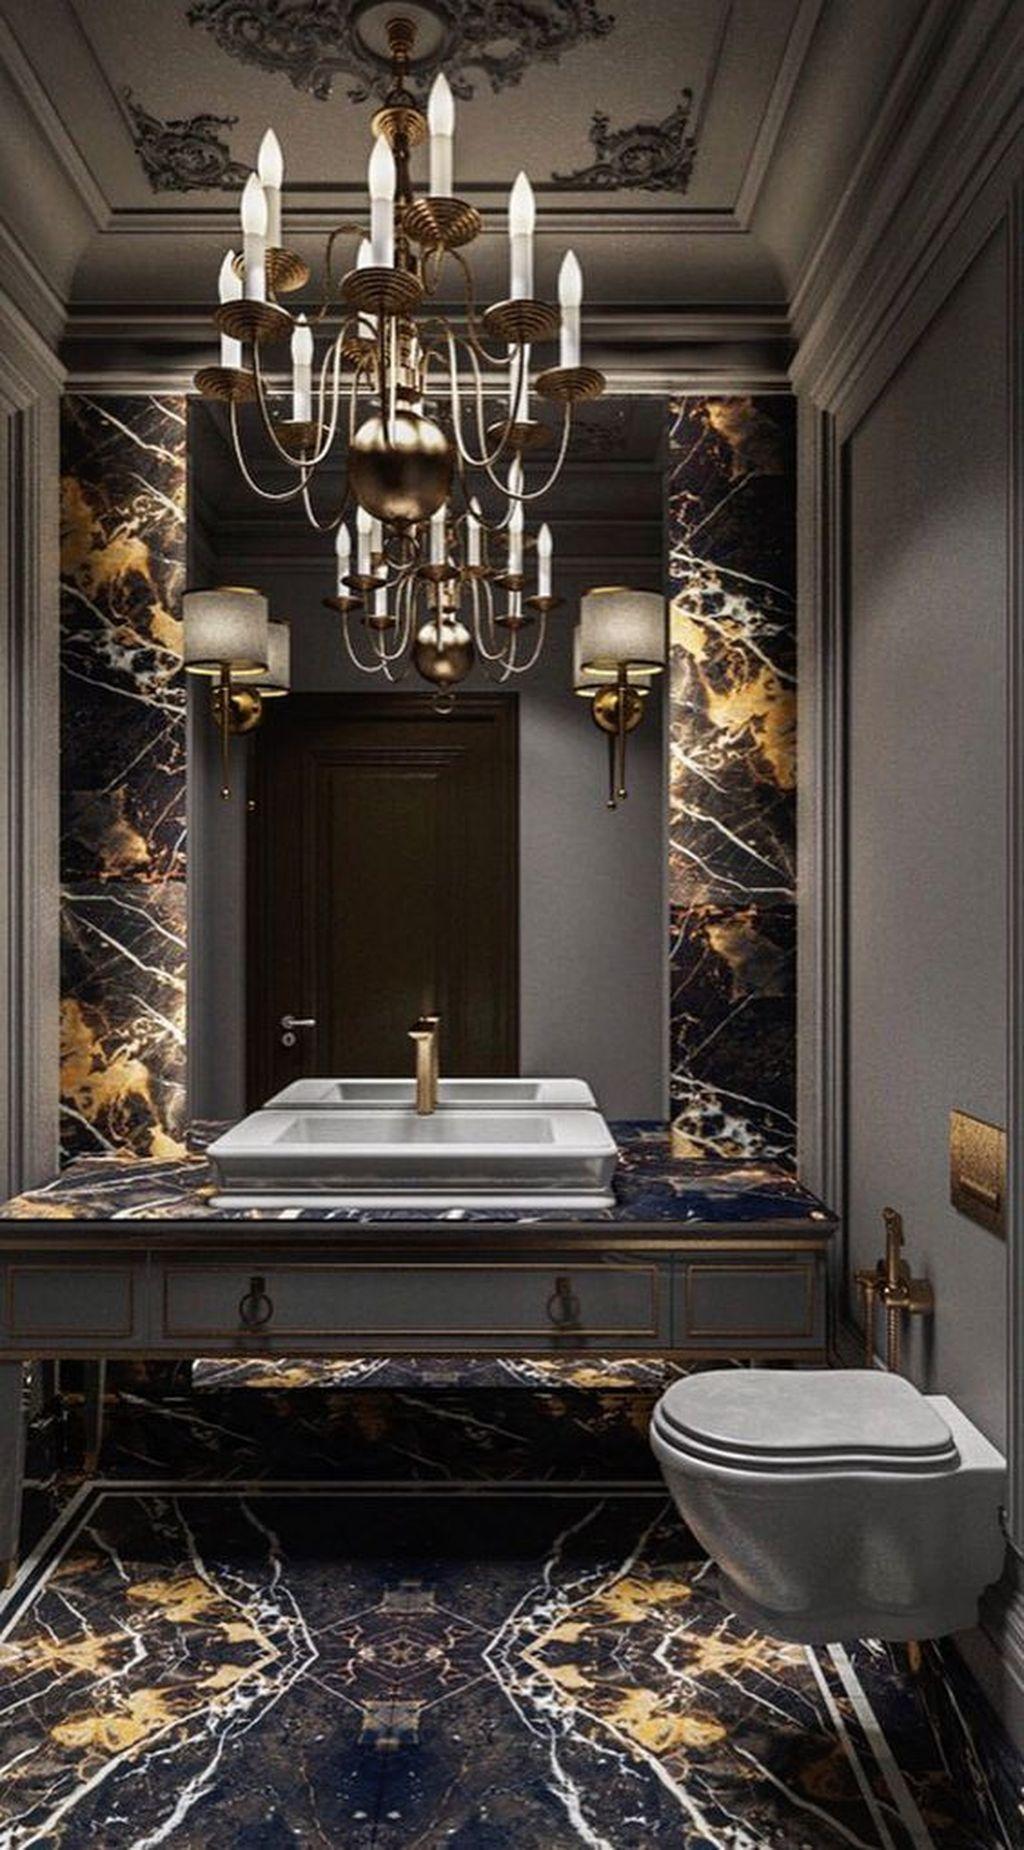 Banheiros de luxo dicas  inspiracoes para transformar seu banheiro bathrooms in bathroom interior beautiful also rh pinterest